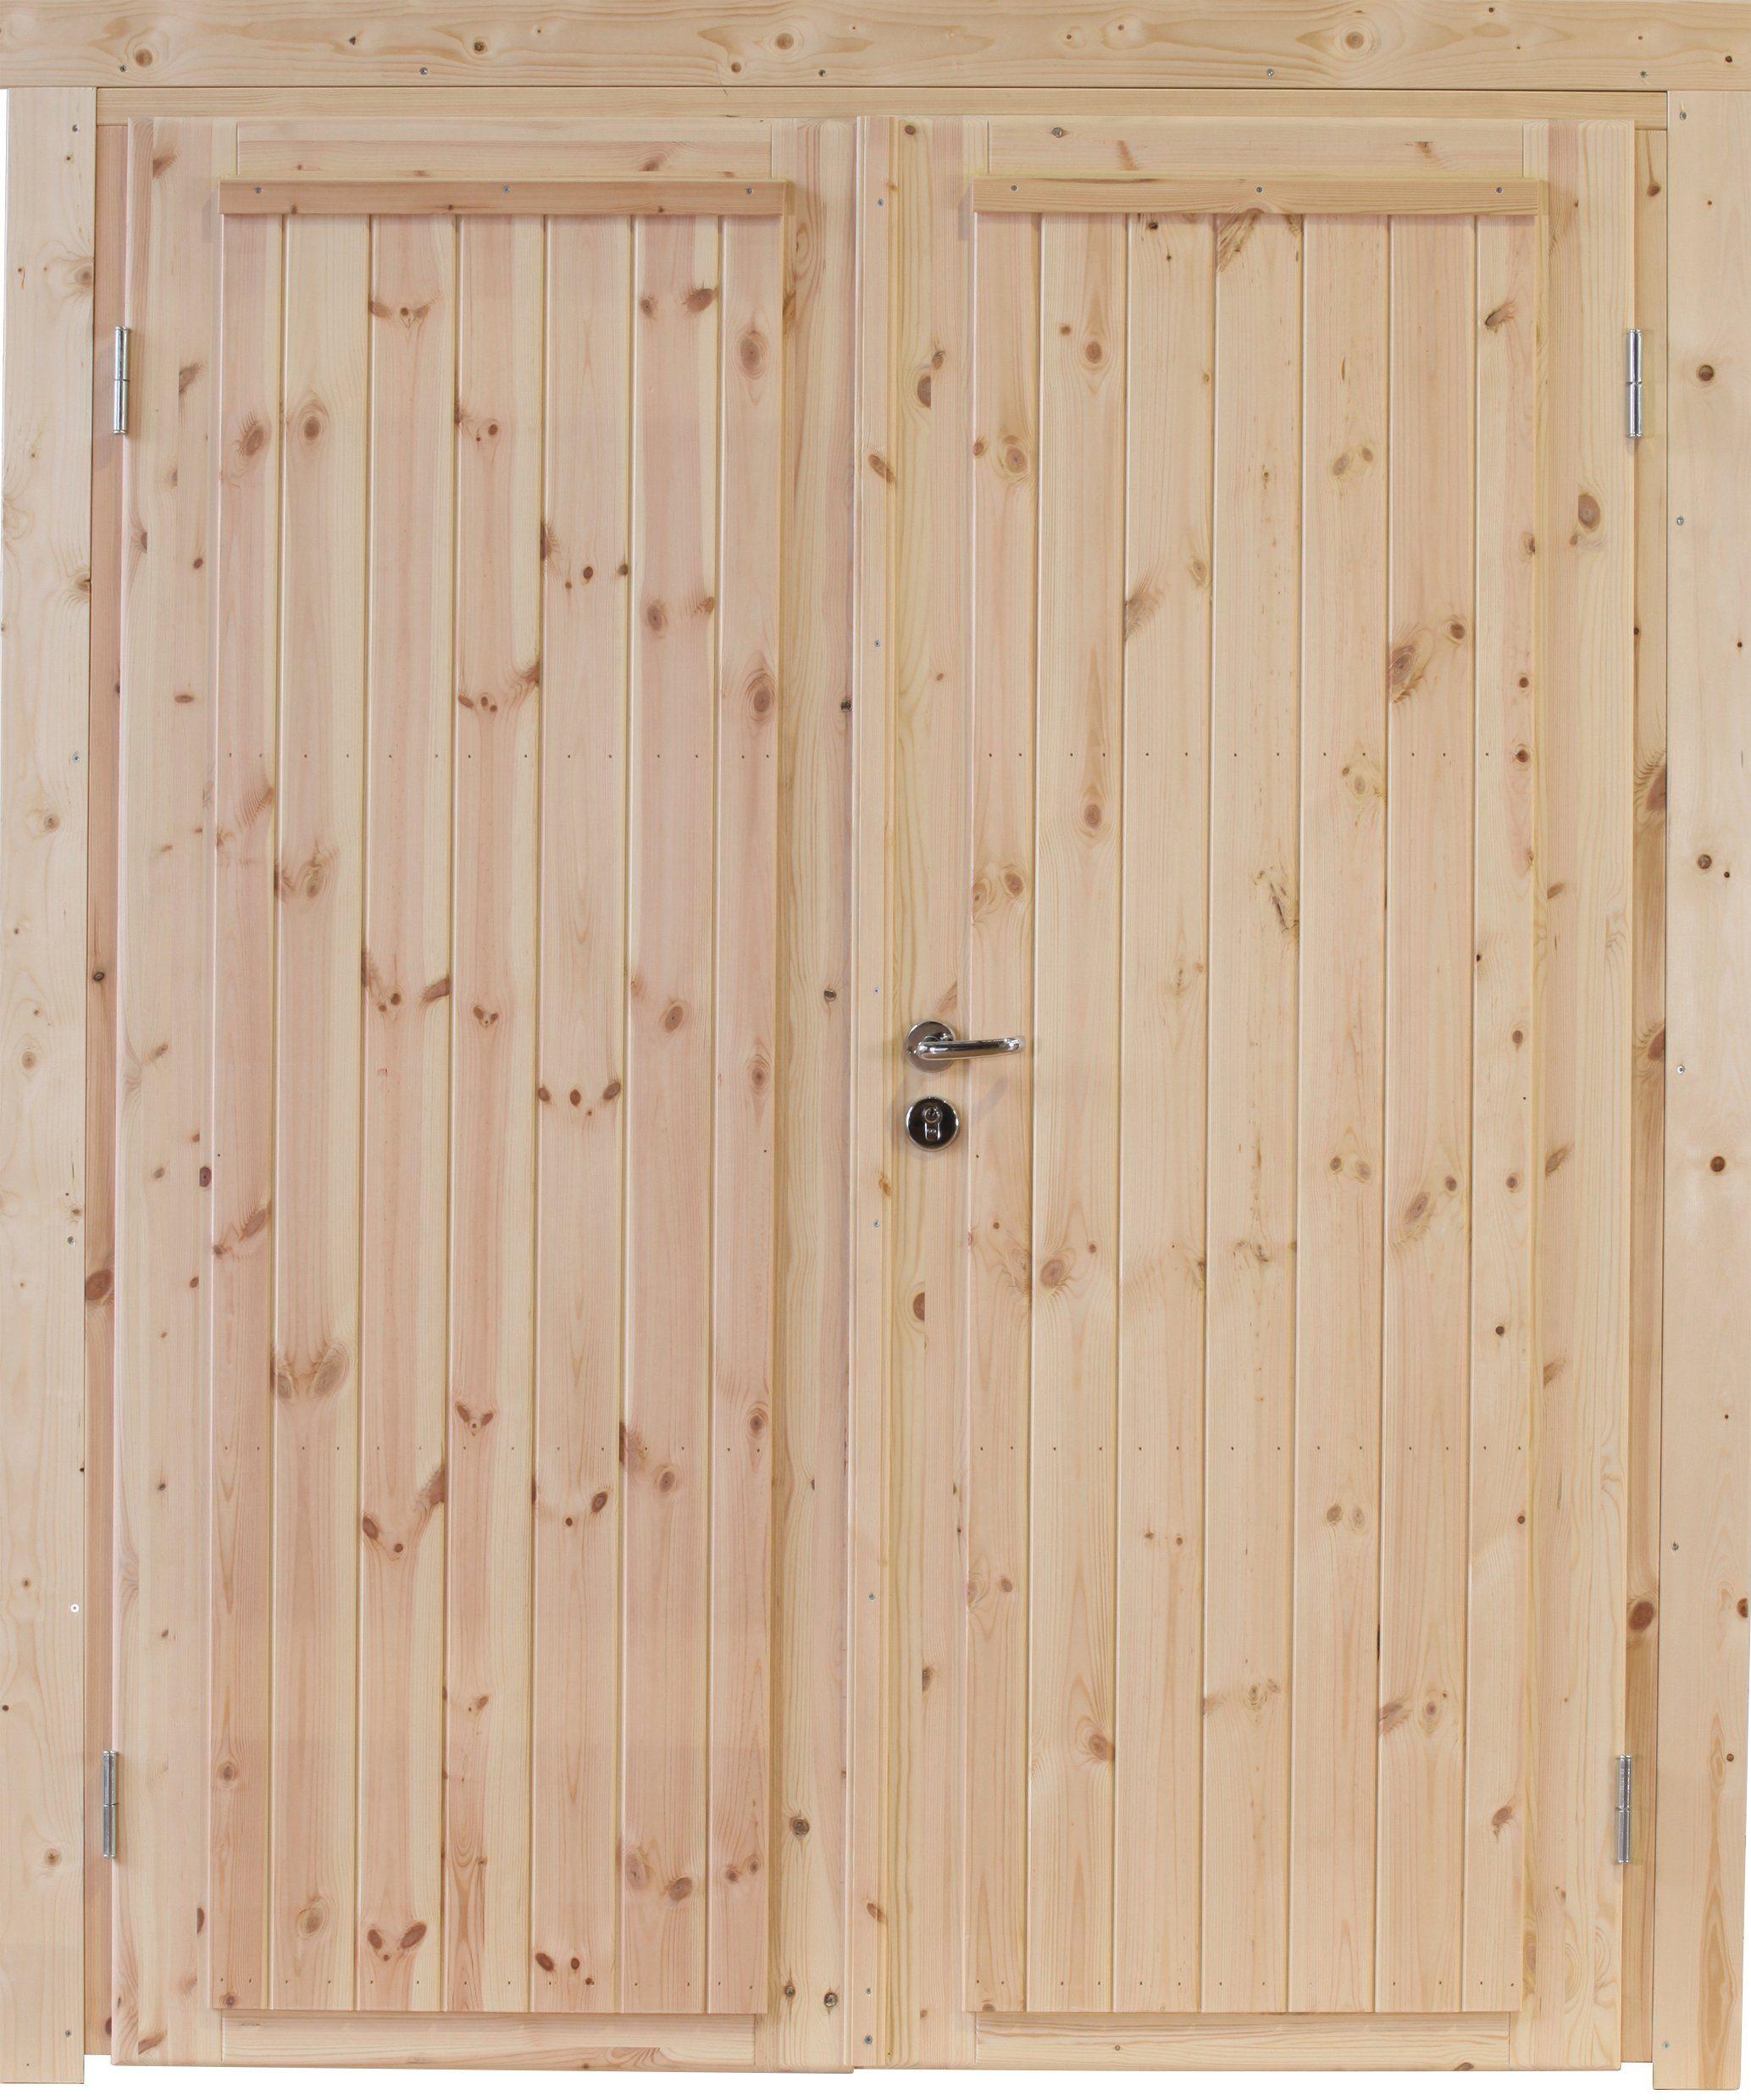 WOLFF Doppeltür »Knut 44«, BxH: 158,8x196,5 cm